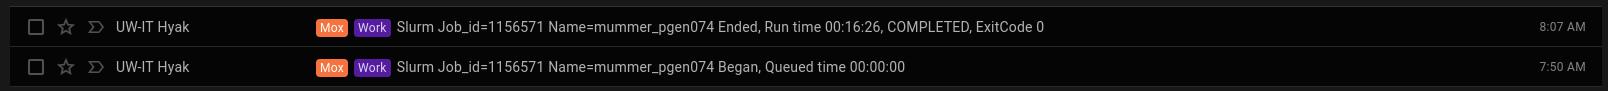 pgen-v074 vs hsap-ncbi MUMmer runtime screencap